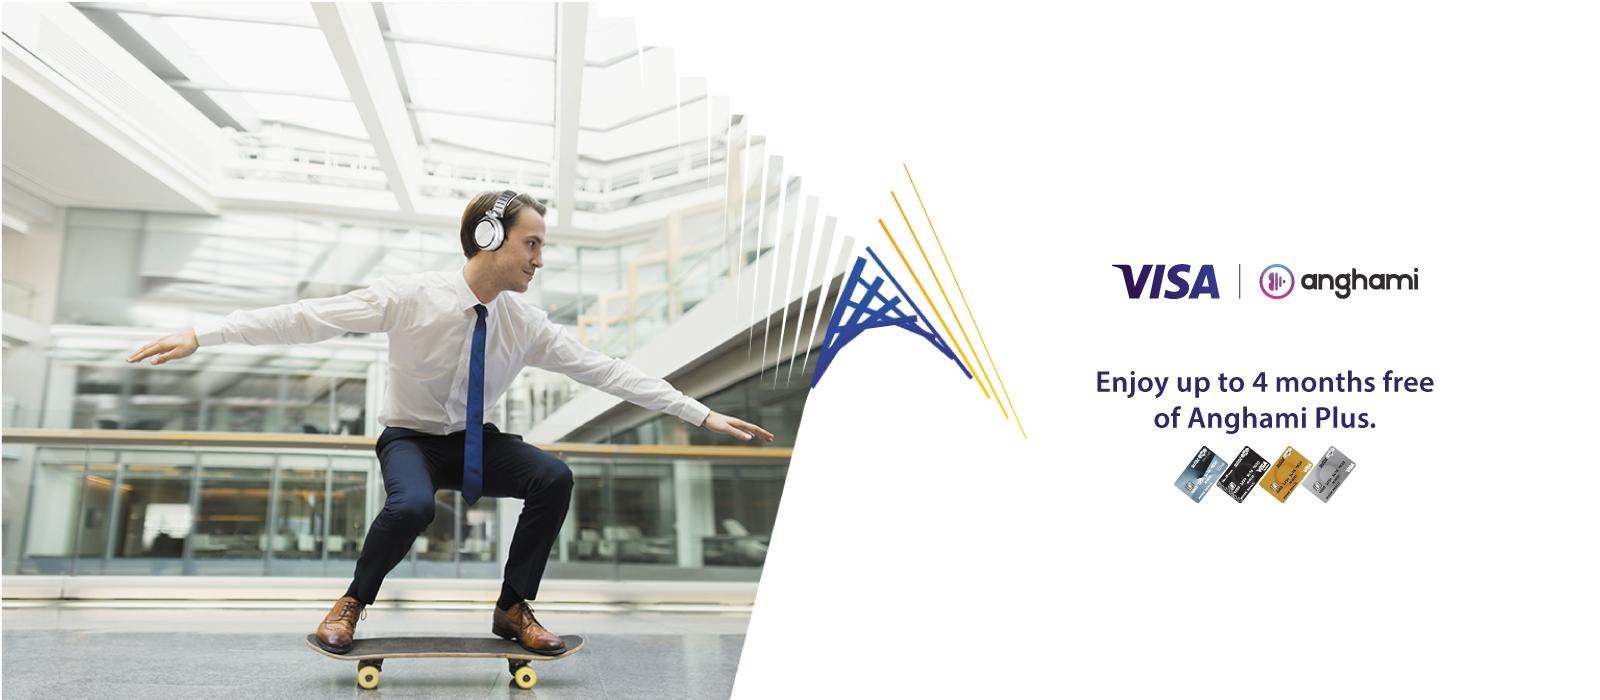 Visa-Anghami-1600x700-Lebanon-E